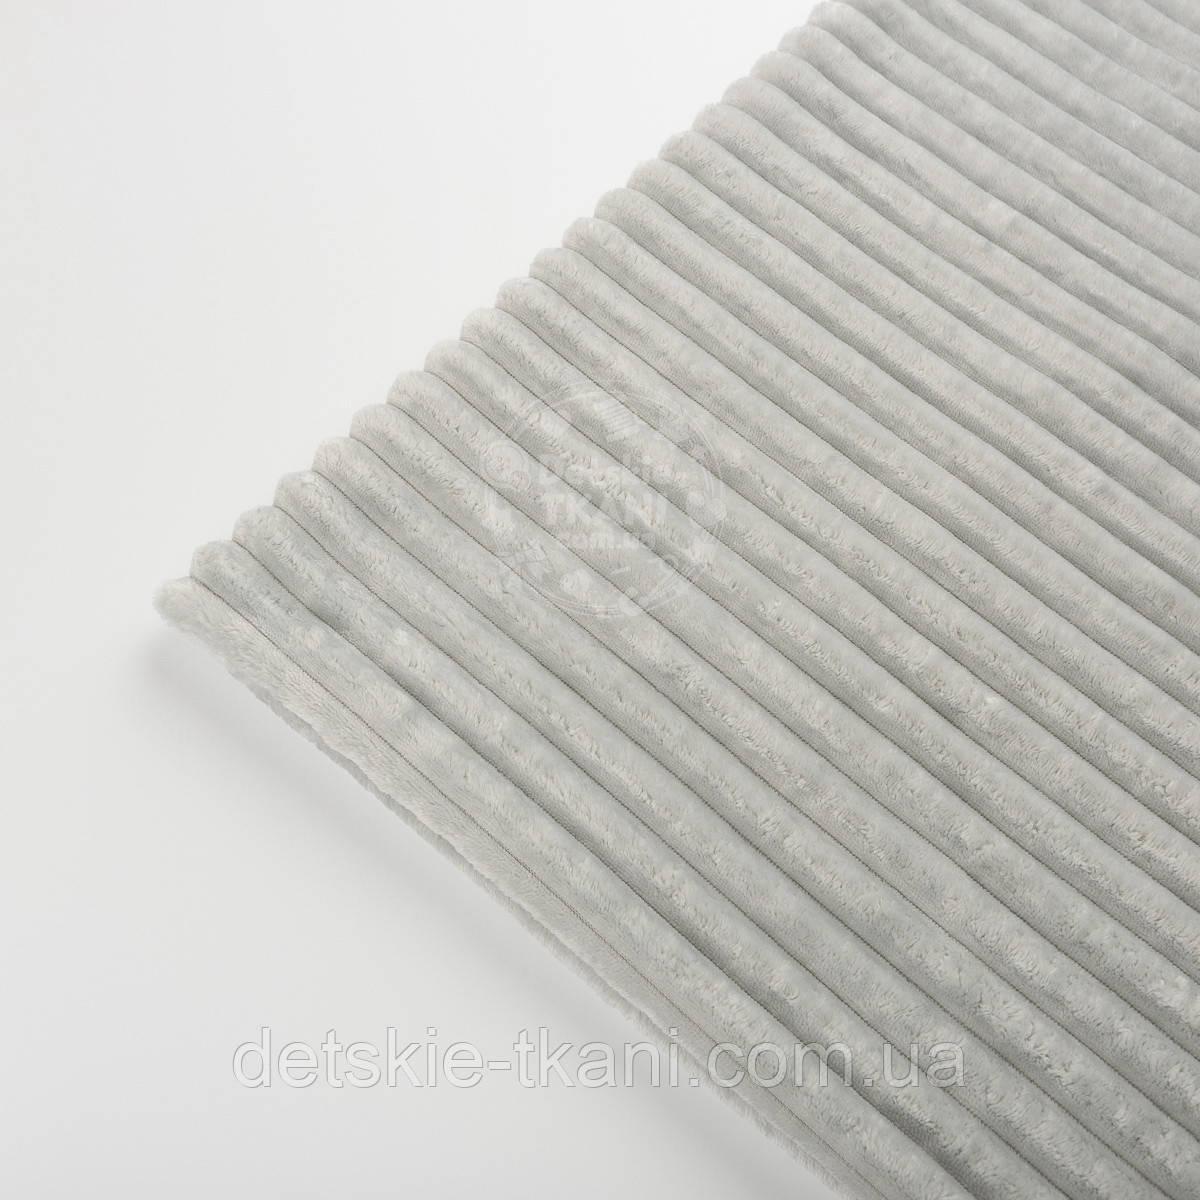 Клаптик плюшу minky stripes світло-сірого кольору, розмір 80 * 65 см